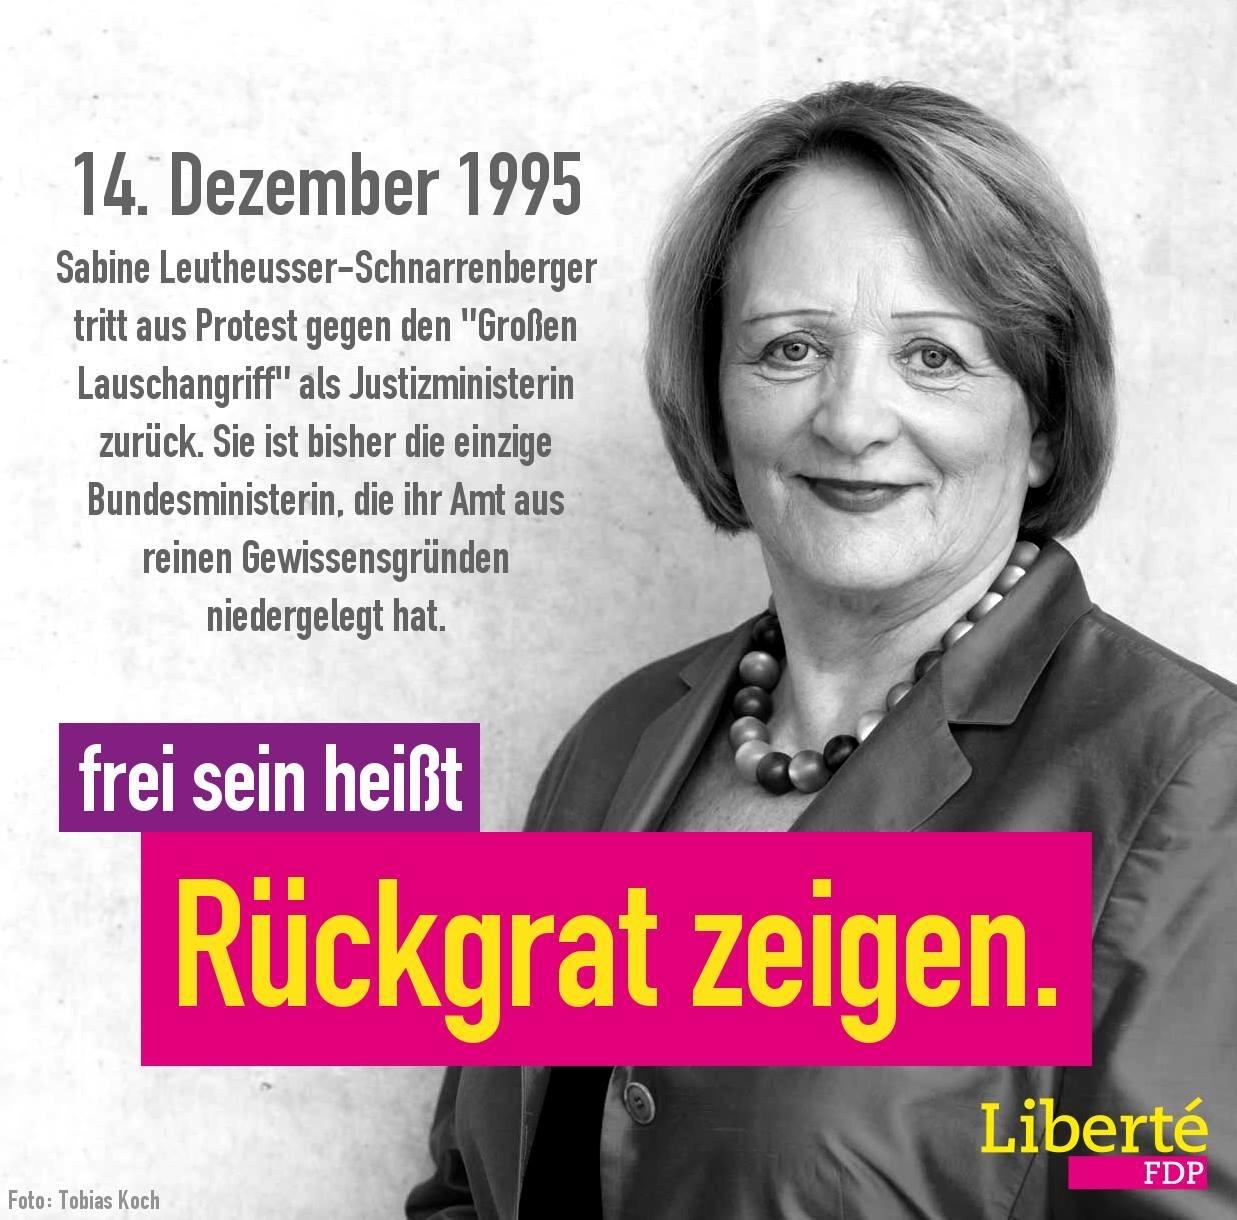 Rücktritt Leutheusser-Schnarrenberger